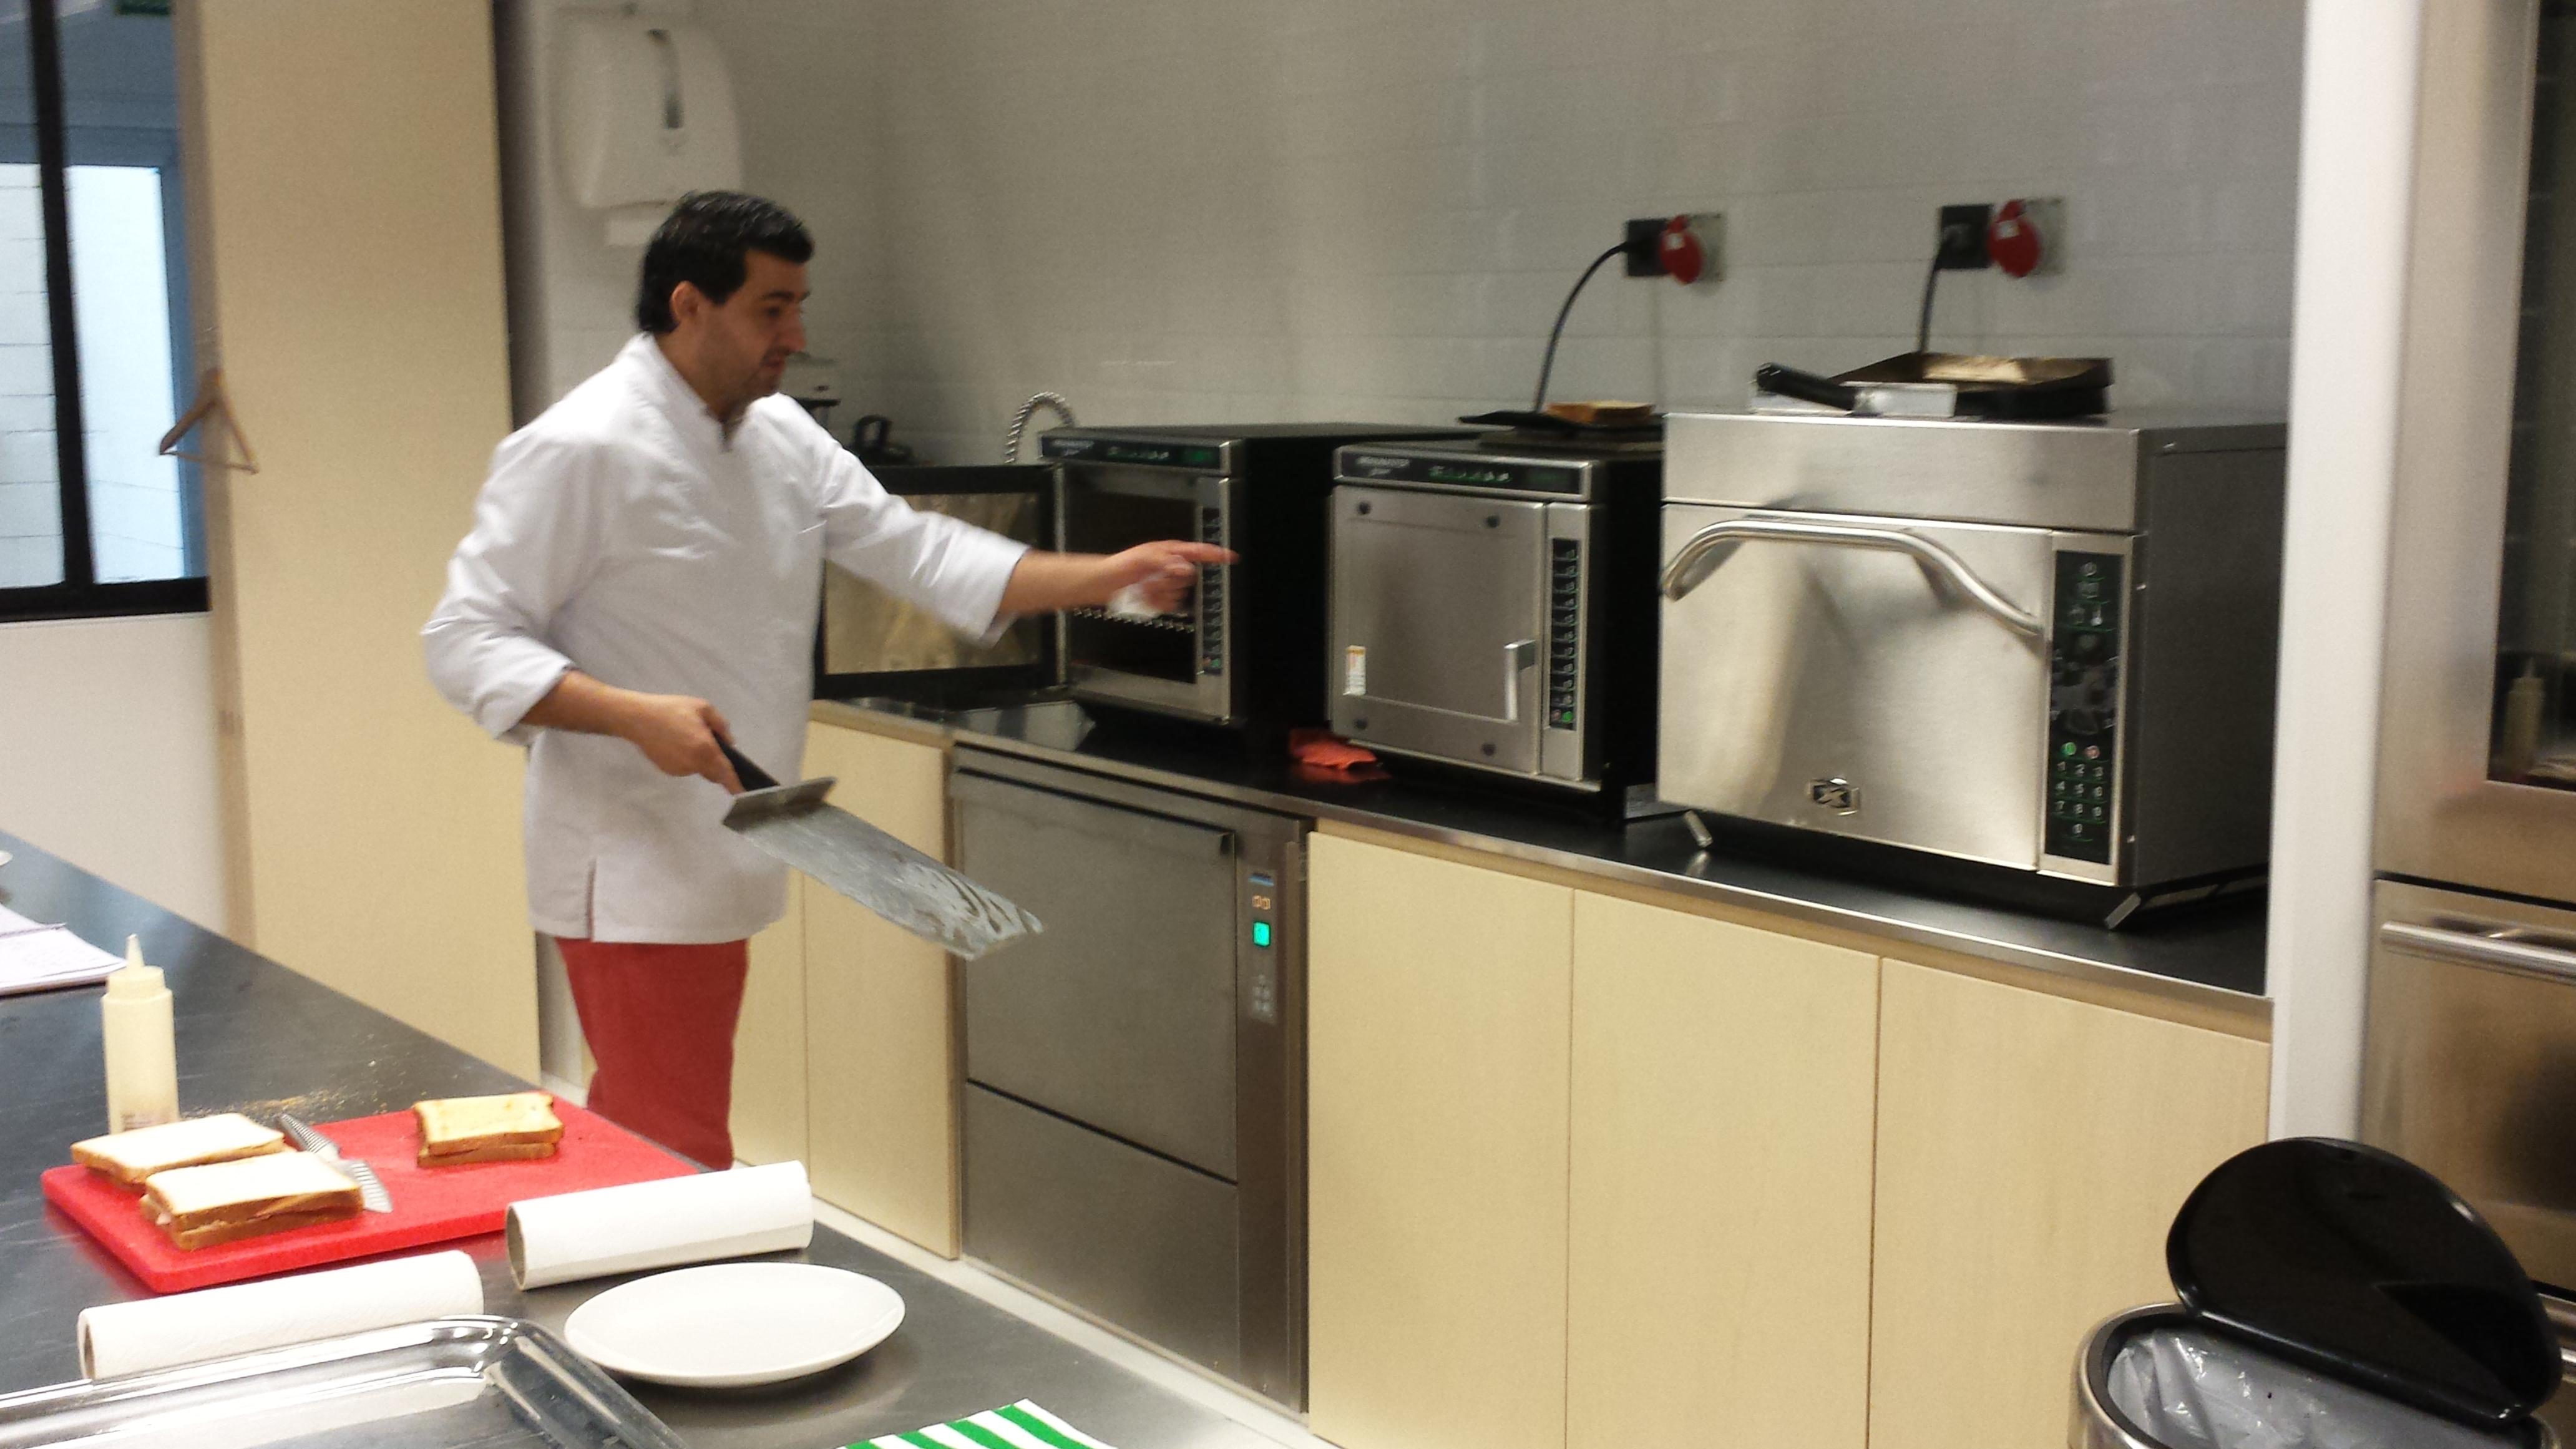 2014-Vilvoorde (Belgique) Nouvelle cuisine de test et de démo.